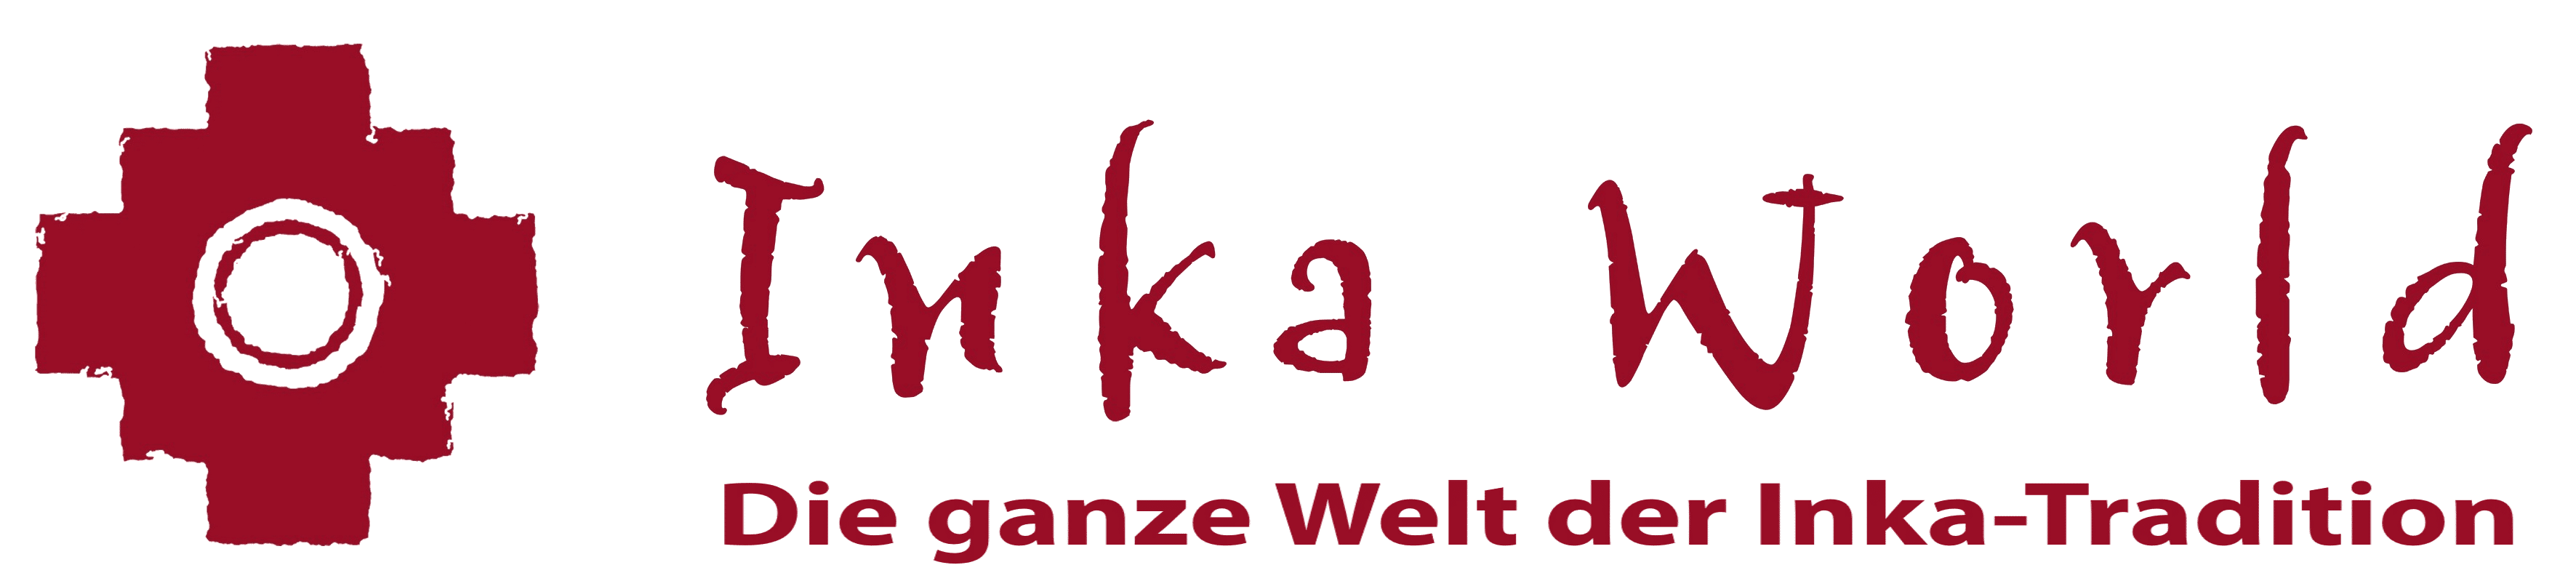 Inka World: Die ganze Welt der Inka-Spiritualität